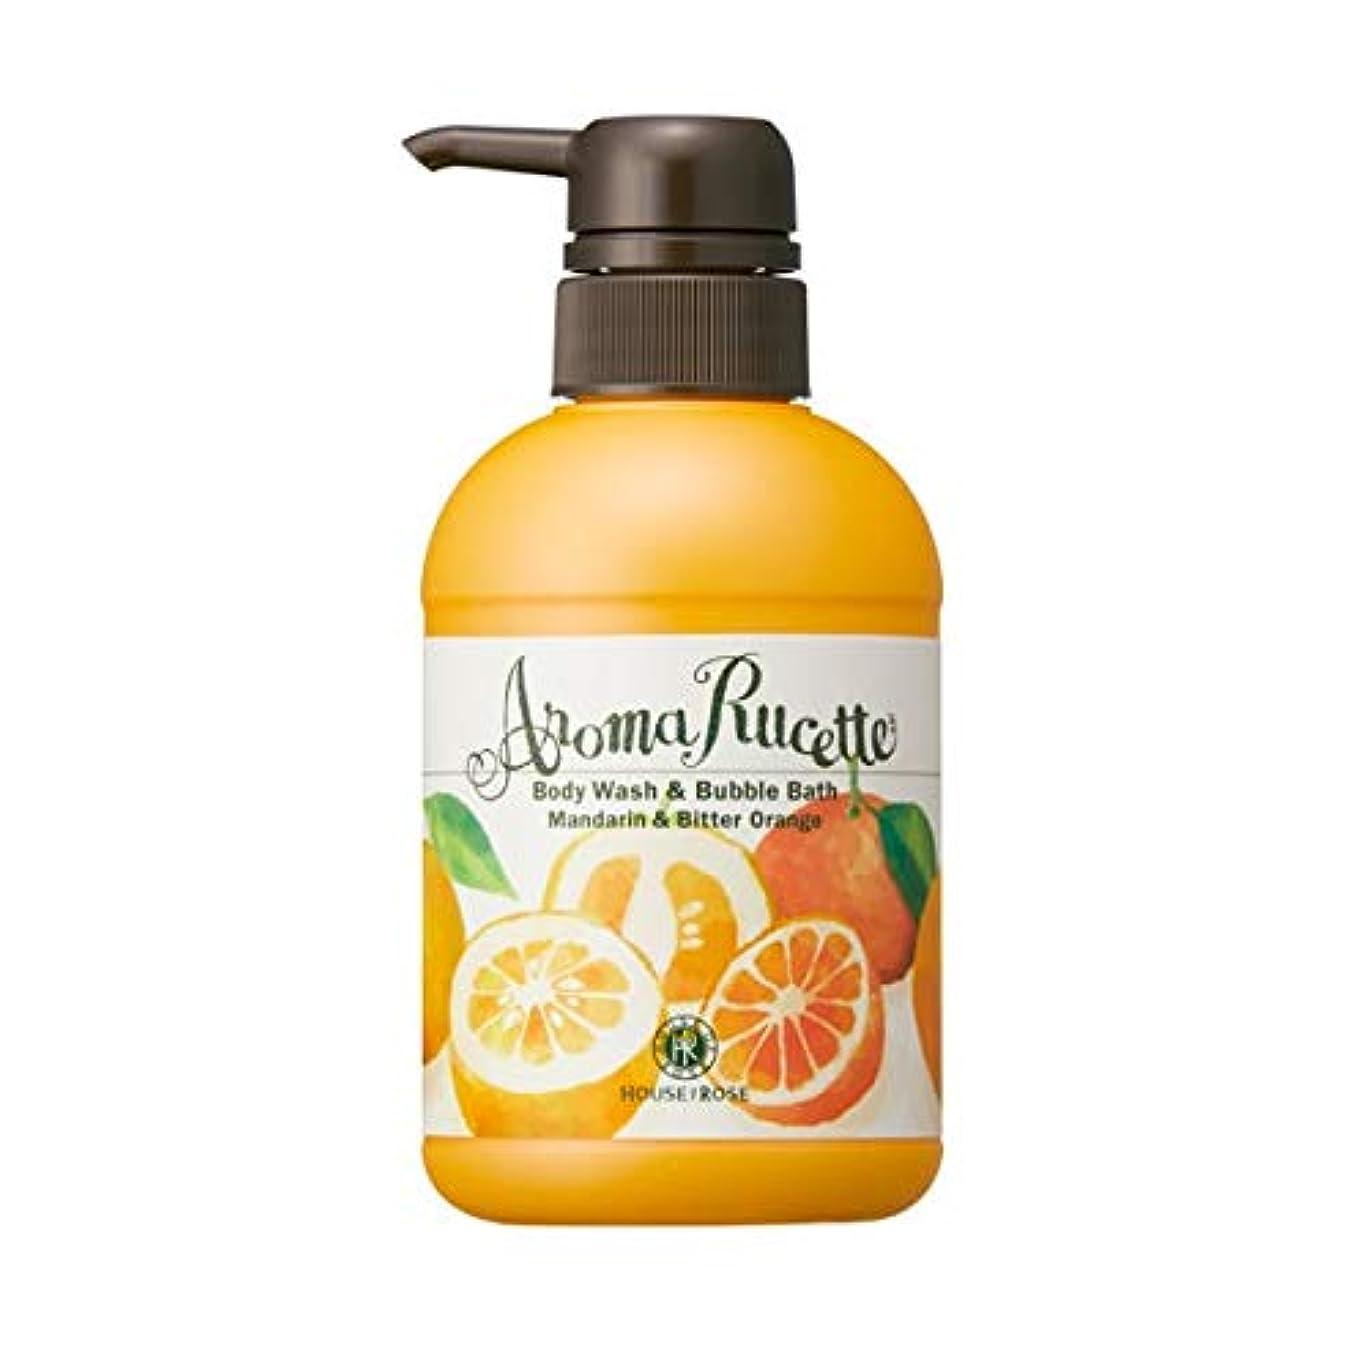 追い出す書誌普通のHOUSE OF ROSE(ハウスオブローゼ) ハウスオブローゼ/アロマルセット ボディウォッシュ&バブルバス MD&BO(マンダリン&ビターオレンジの香り)350mL